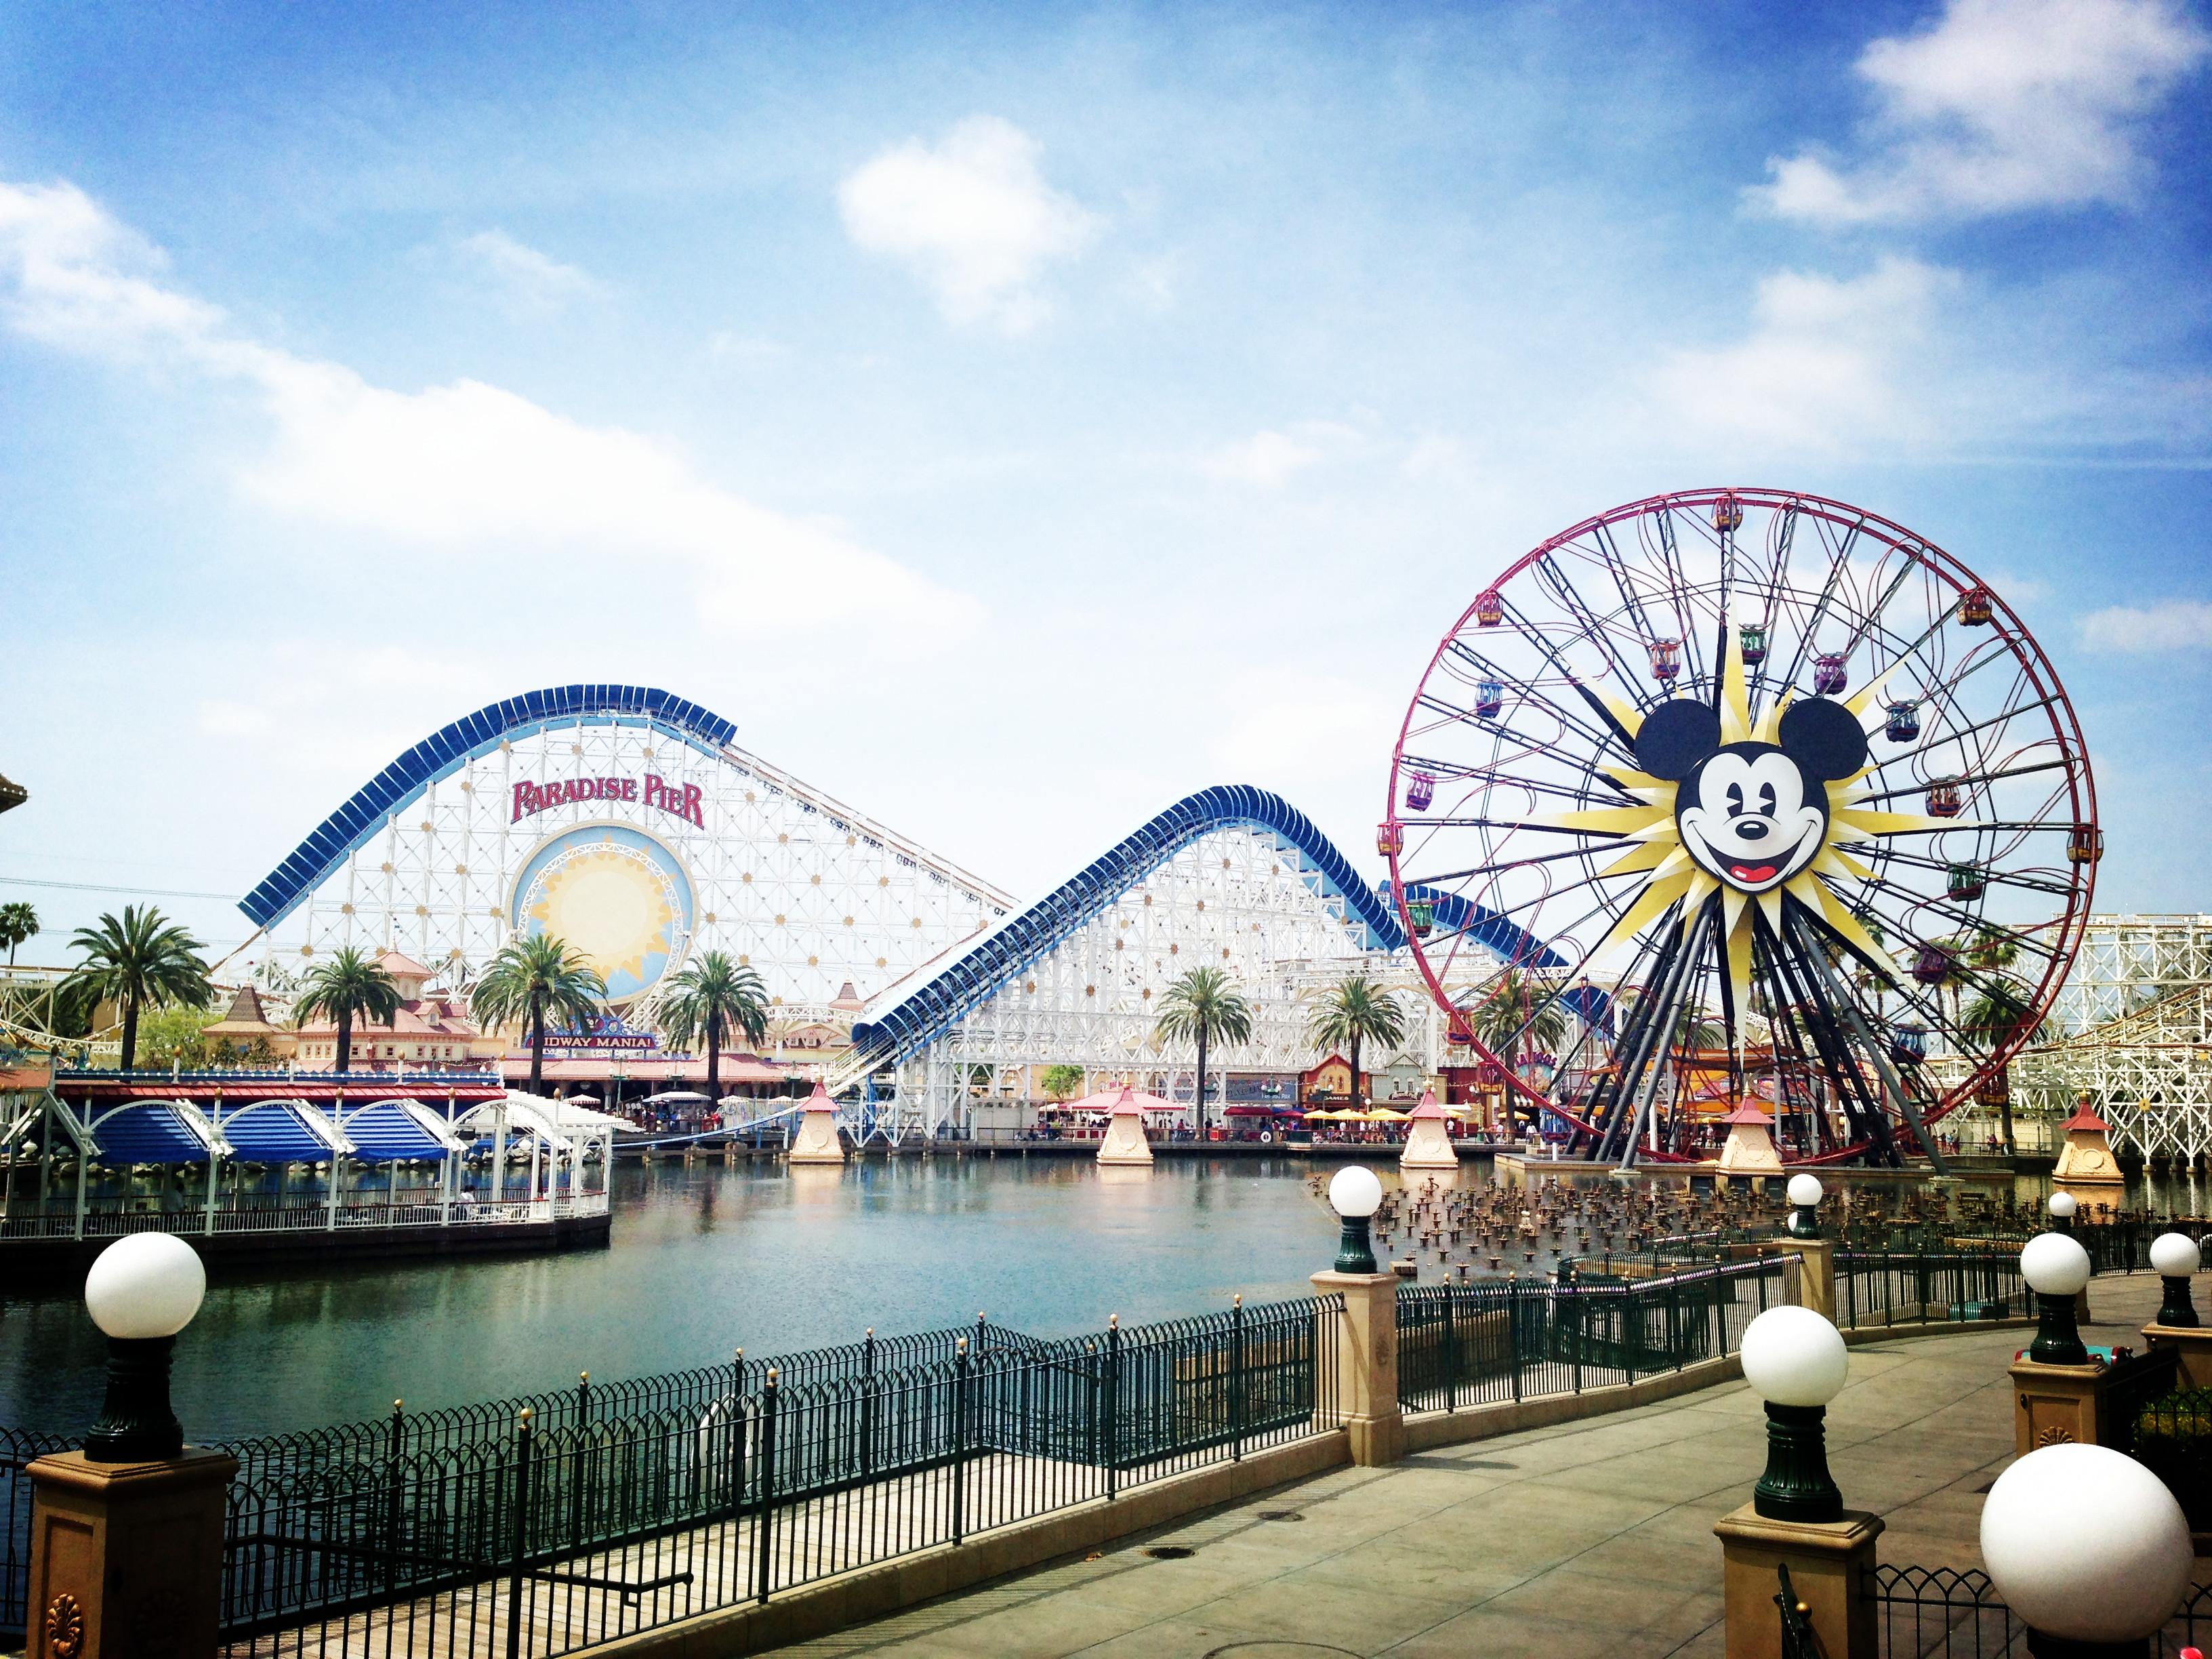 迪士尼加州冒险乐园